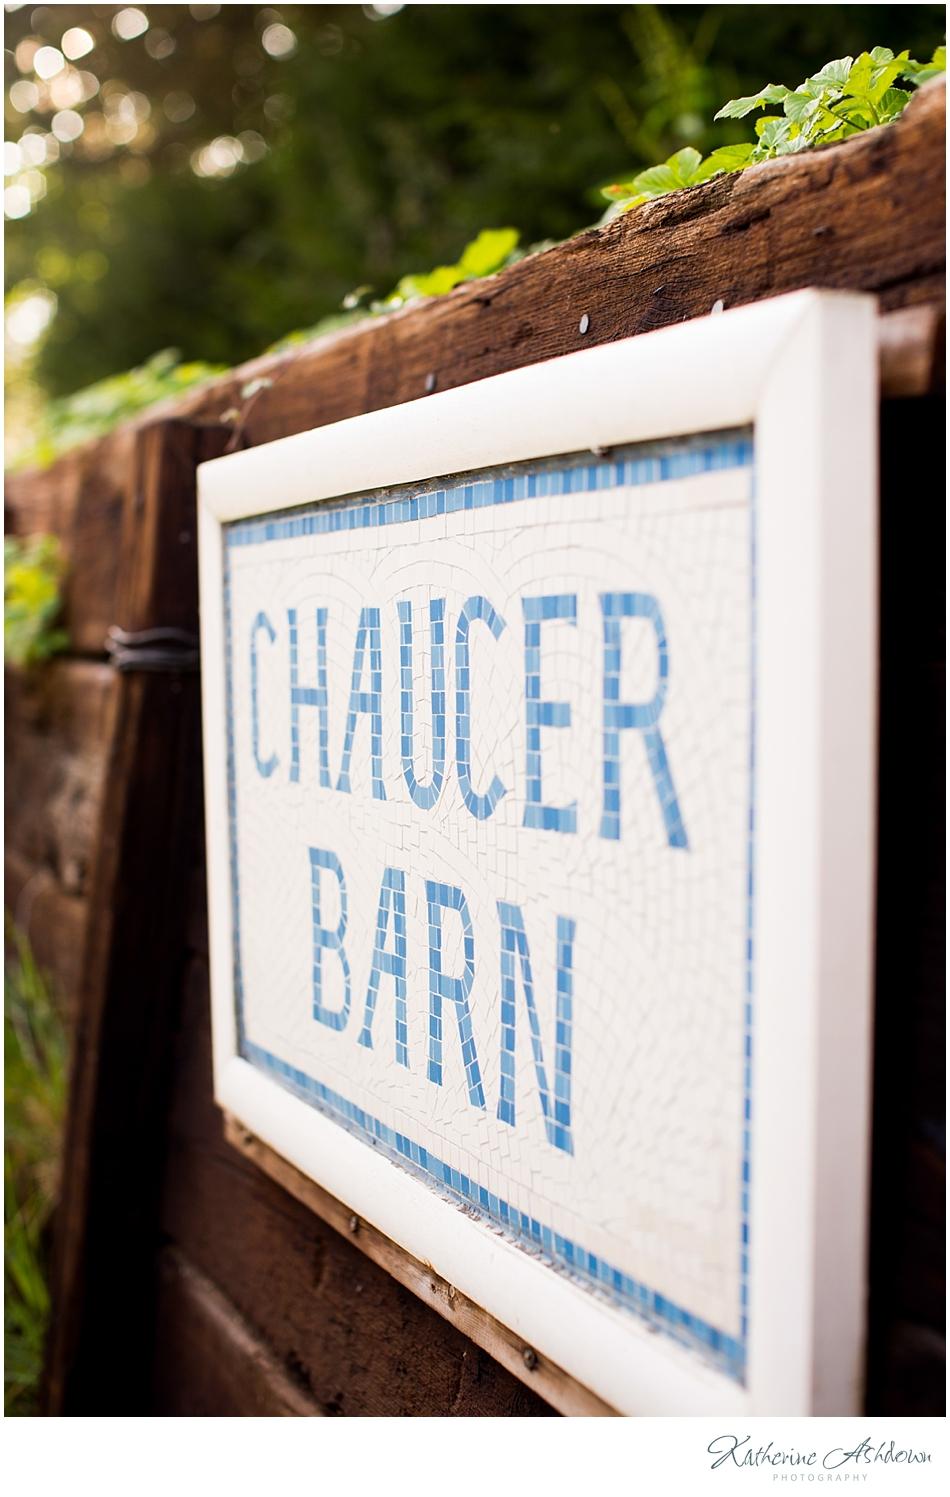 Chaucer Barn Wedding_001